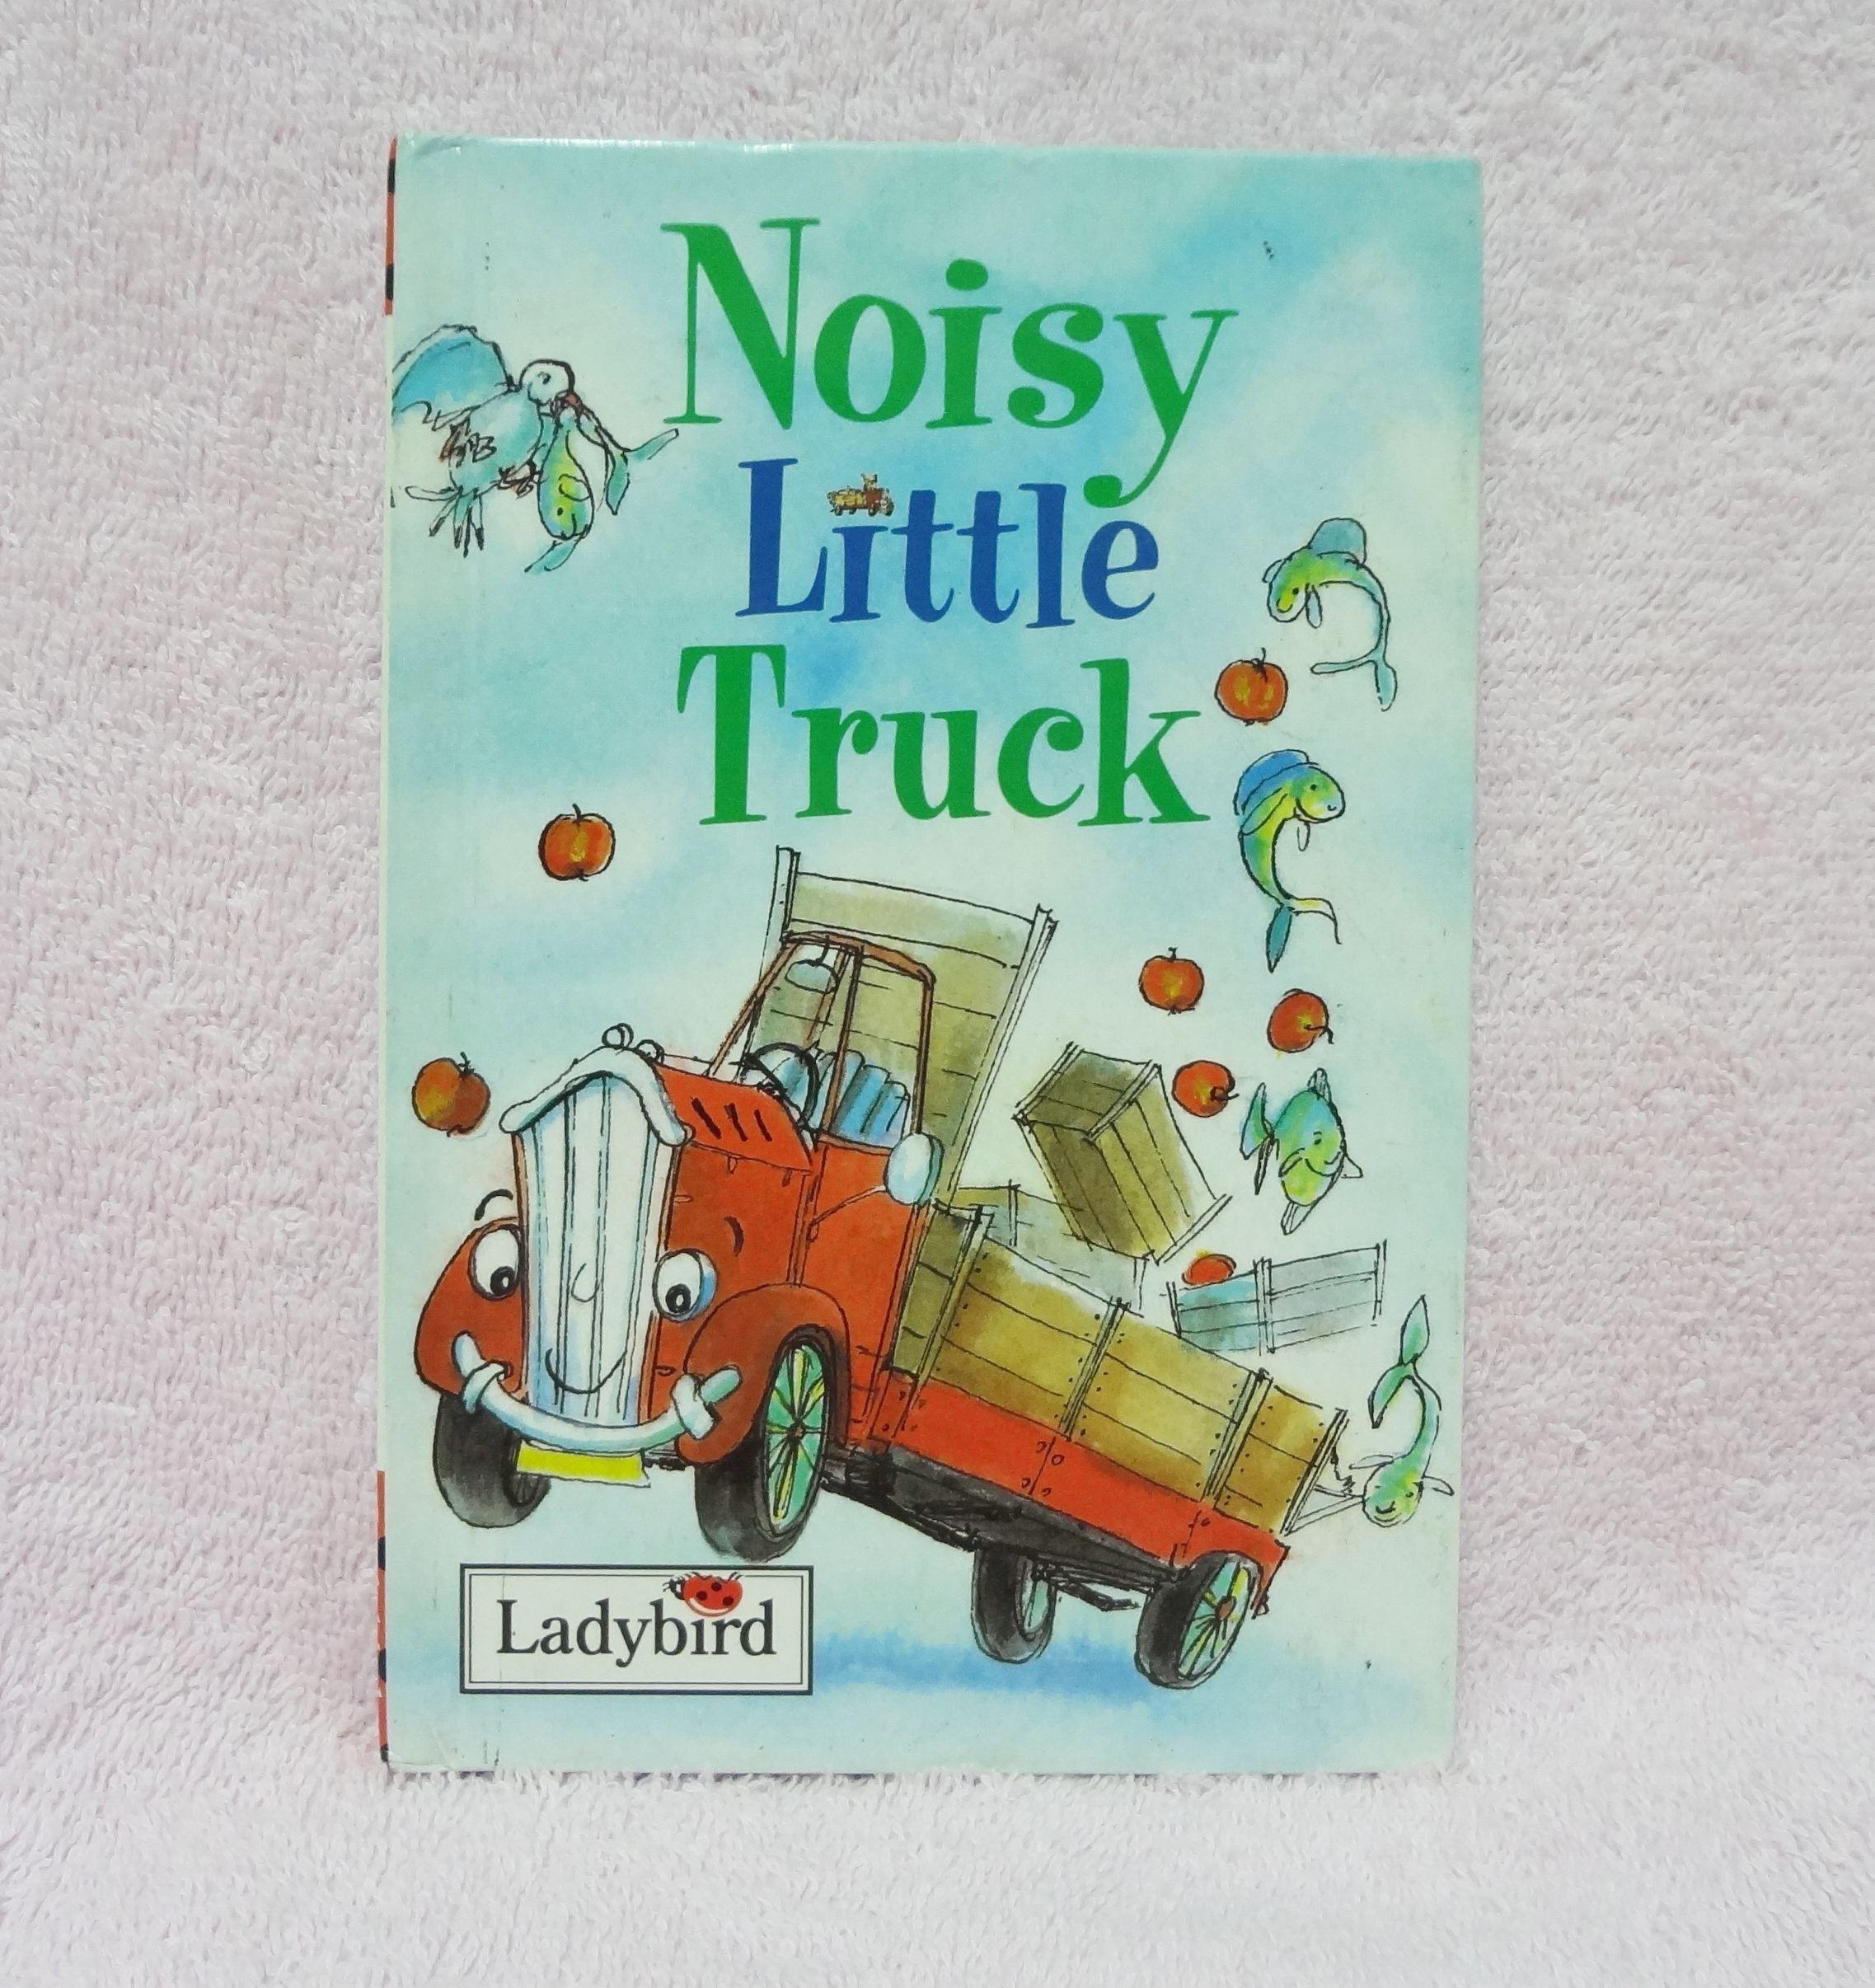 หนังสือนิทานเรื่อง Noisy Little Truck ของ Ladybird